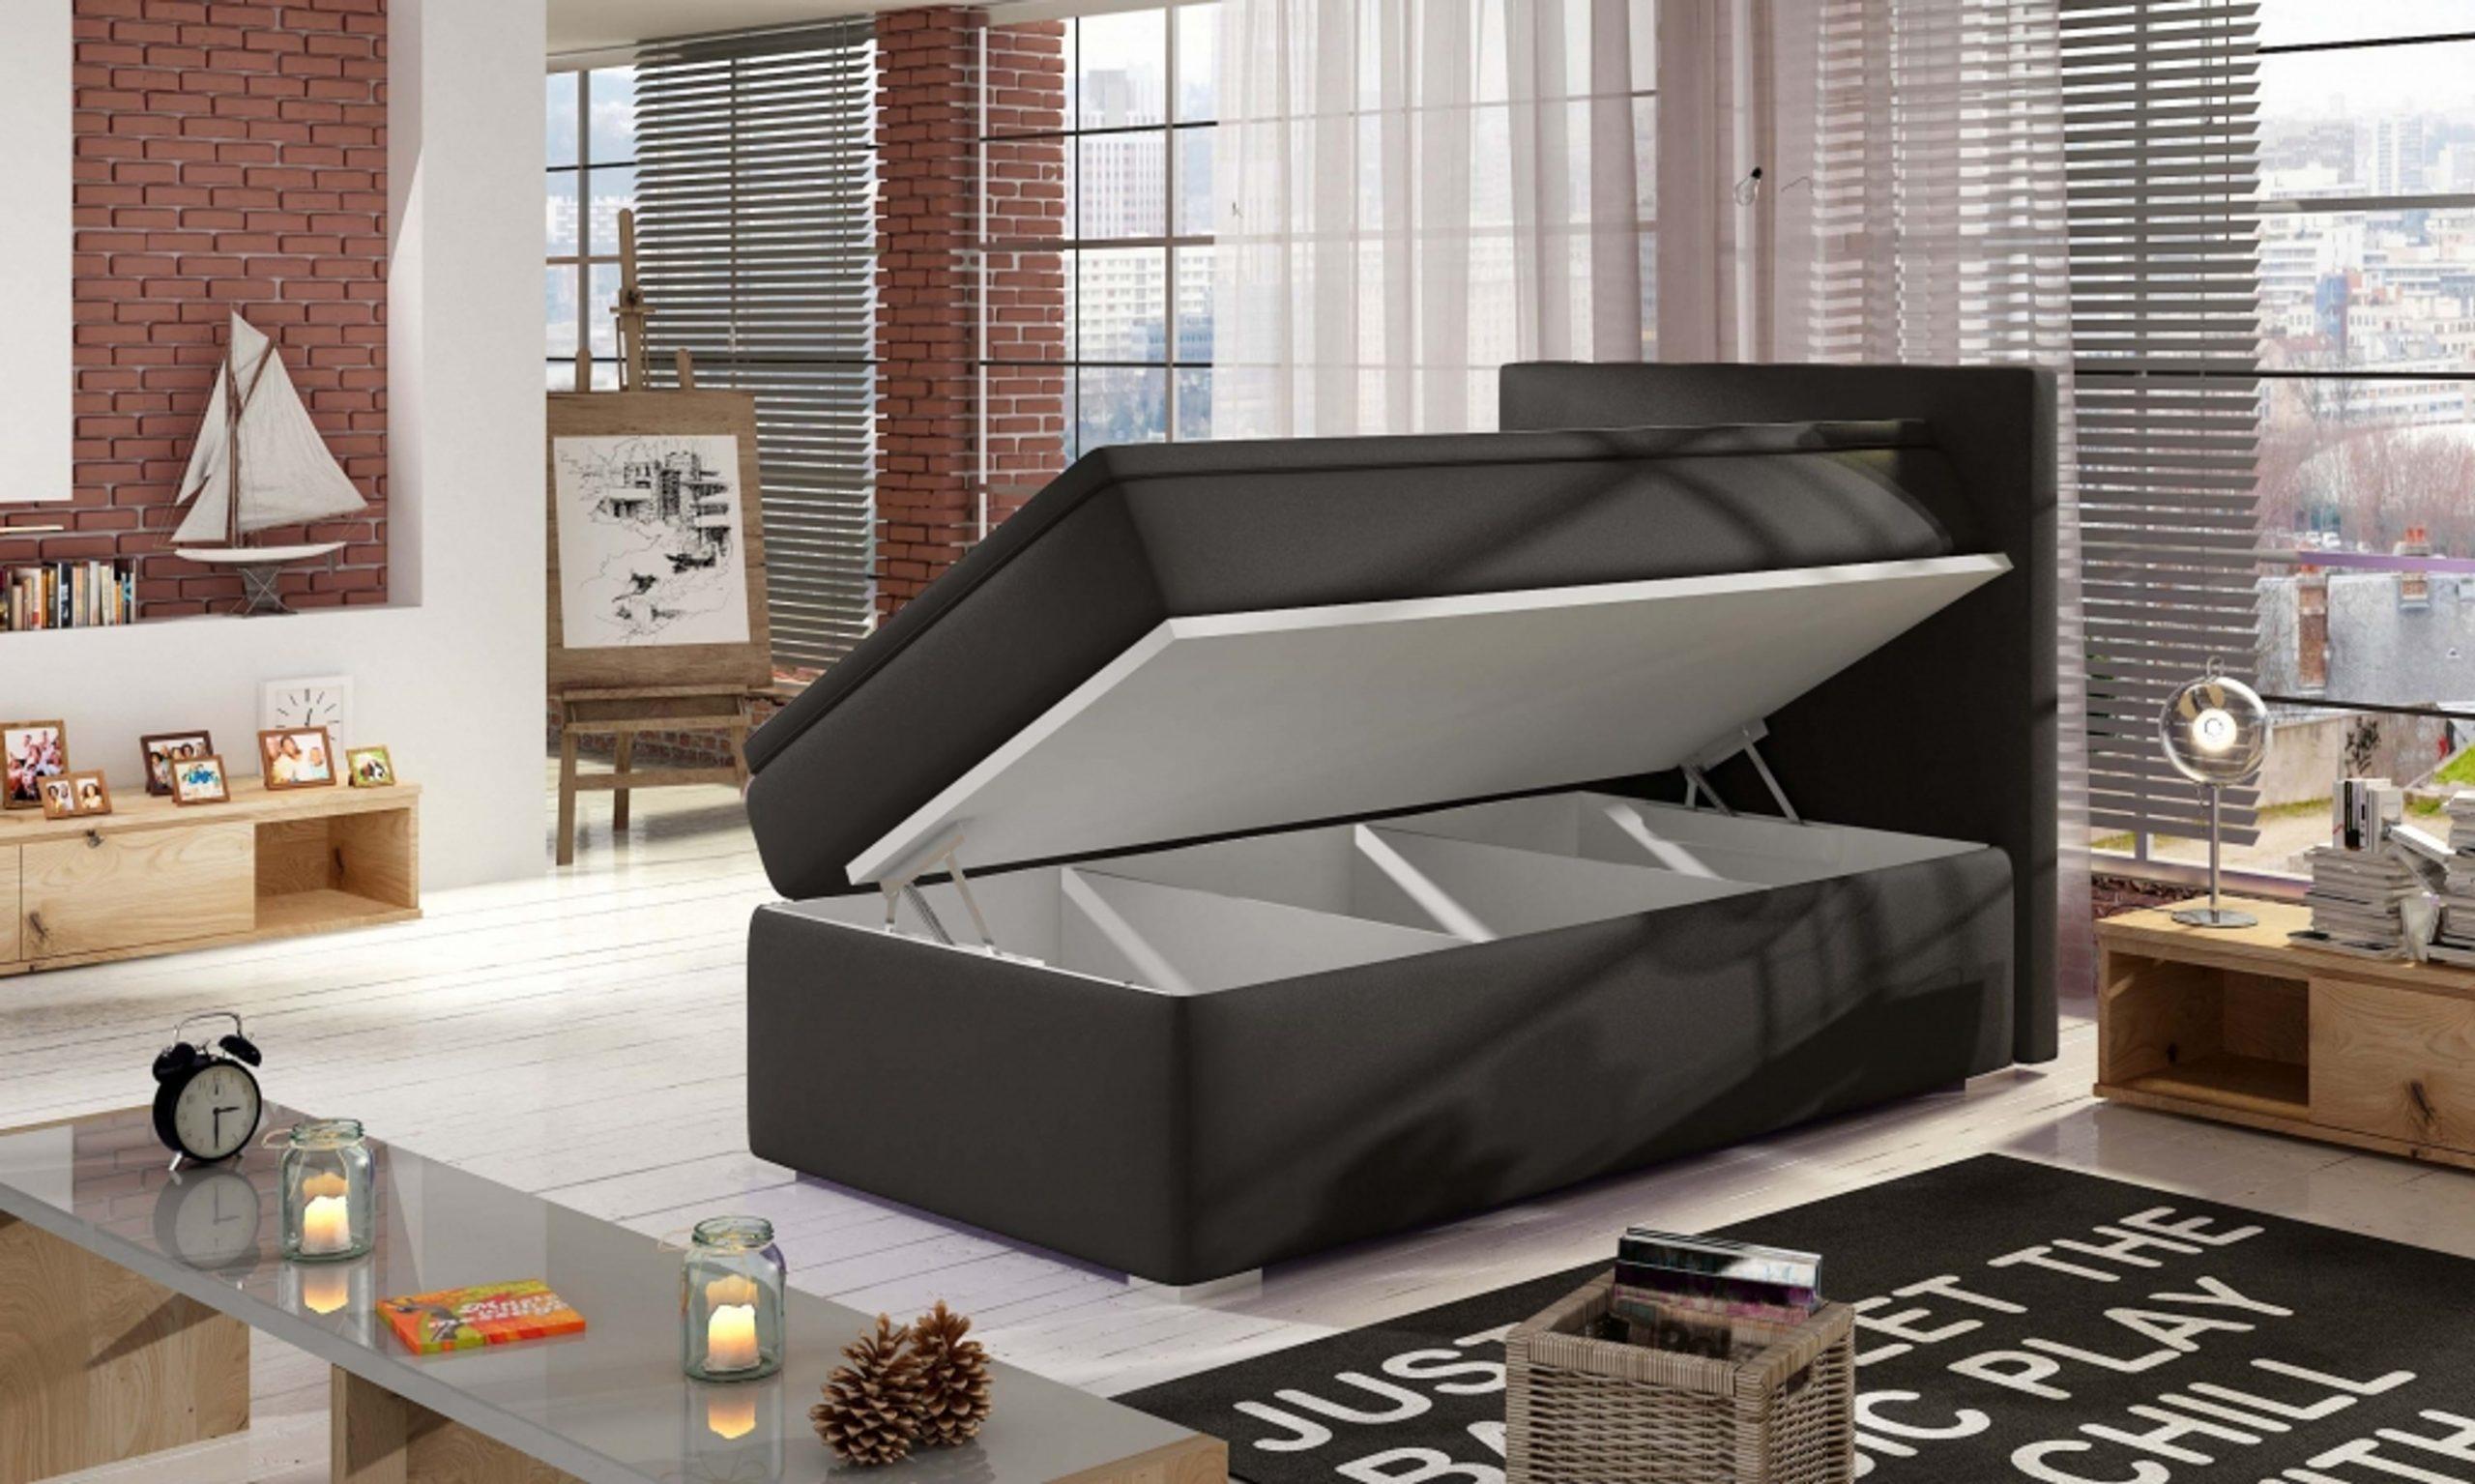 Full Size of Bett Mit Bettkasten 140x200 Poco Holz 120x200 Ikea 140 180x200 Klappbar Einfaches Betten Aufbewahrung Buche Bambus Steens 160x220 Ohne Kopfteil Massiv Weiß Bett Bett Bettkasten